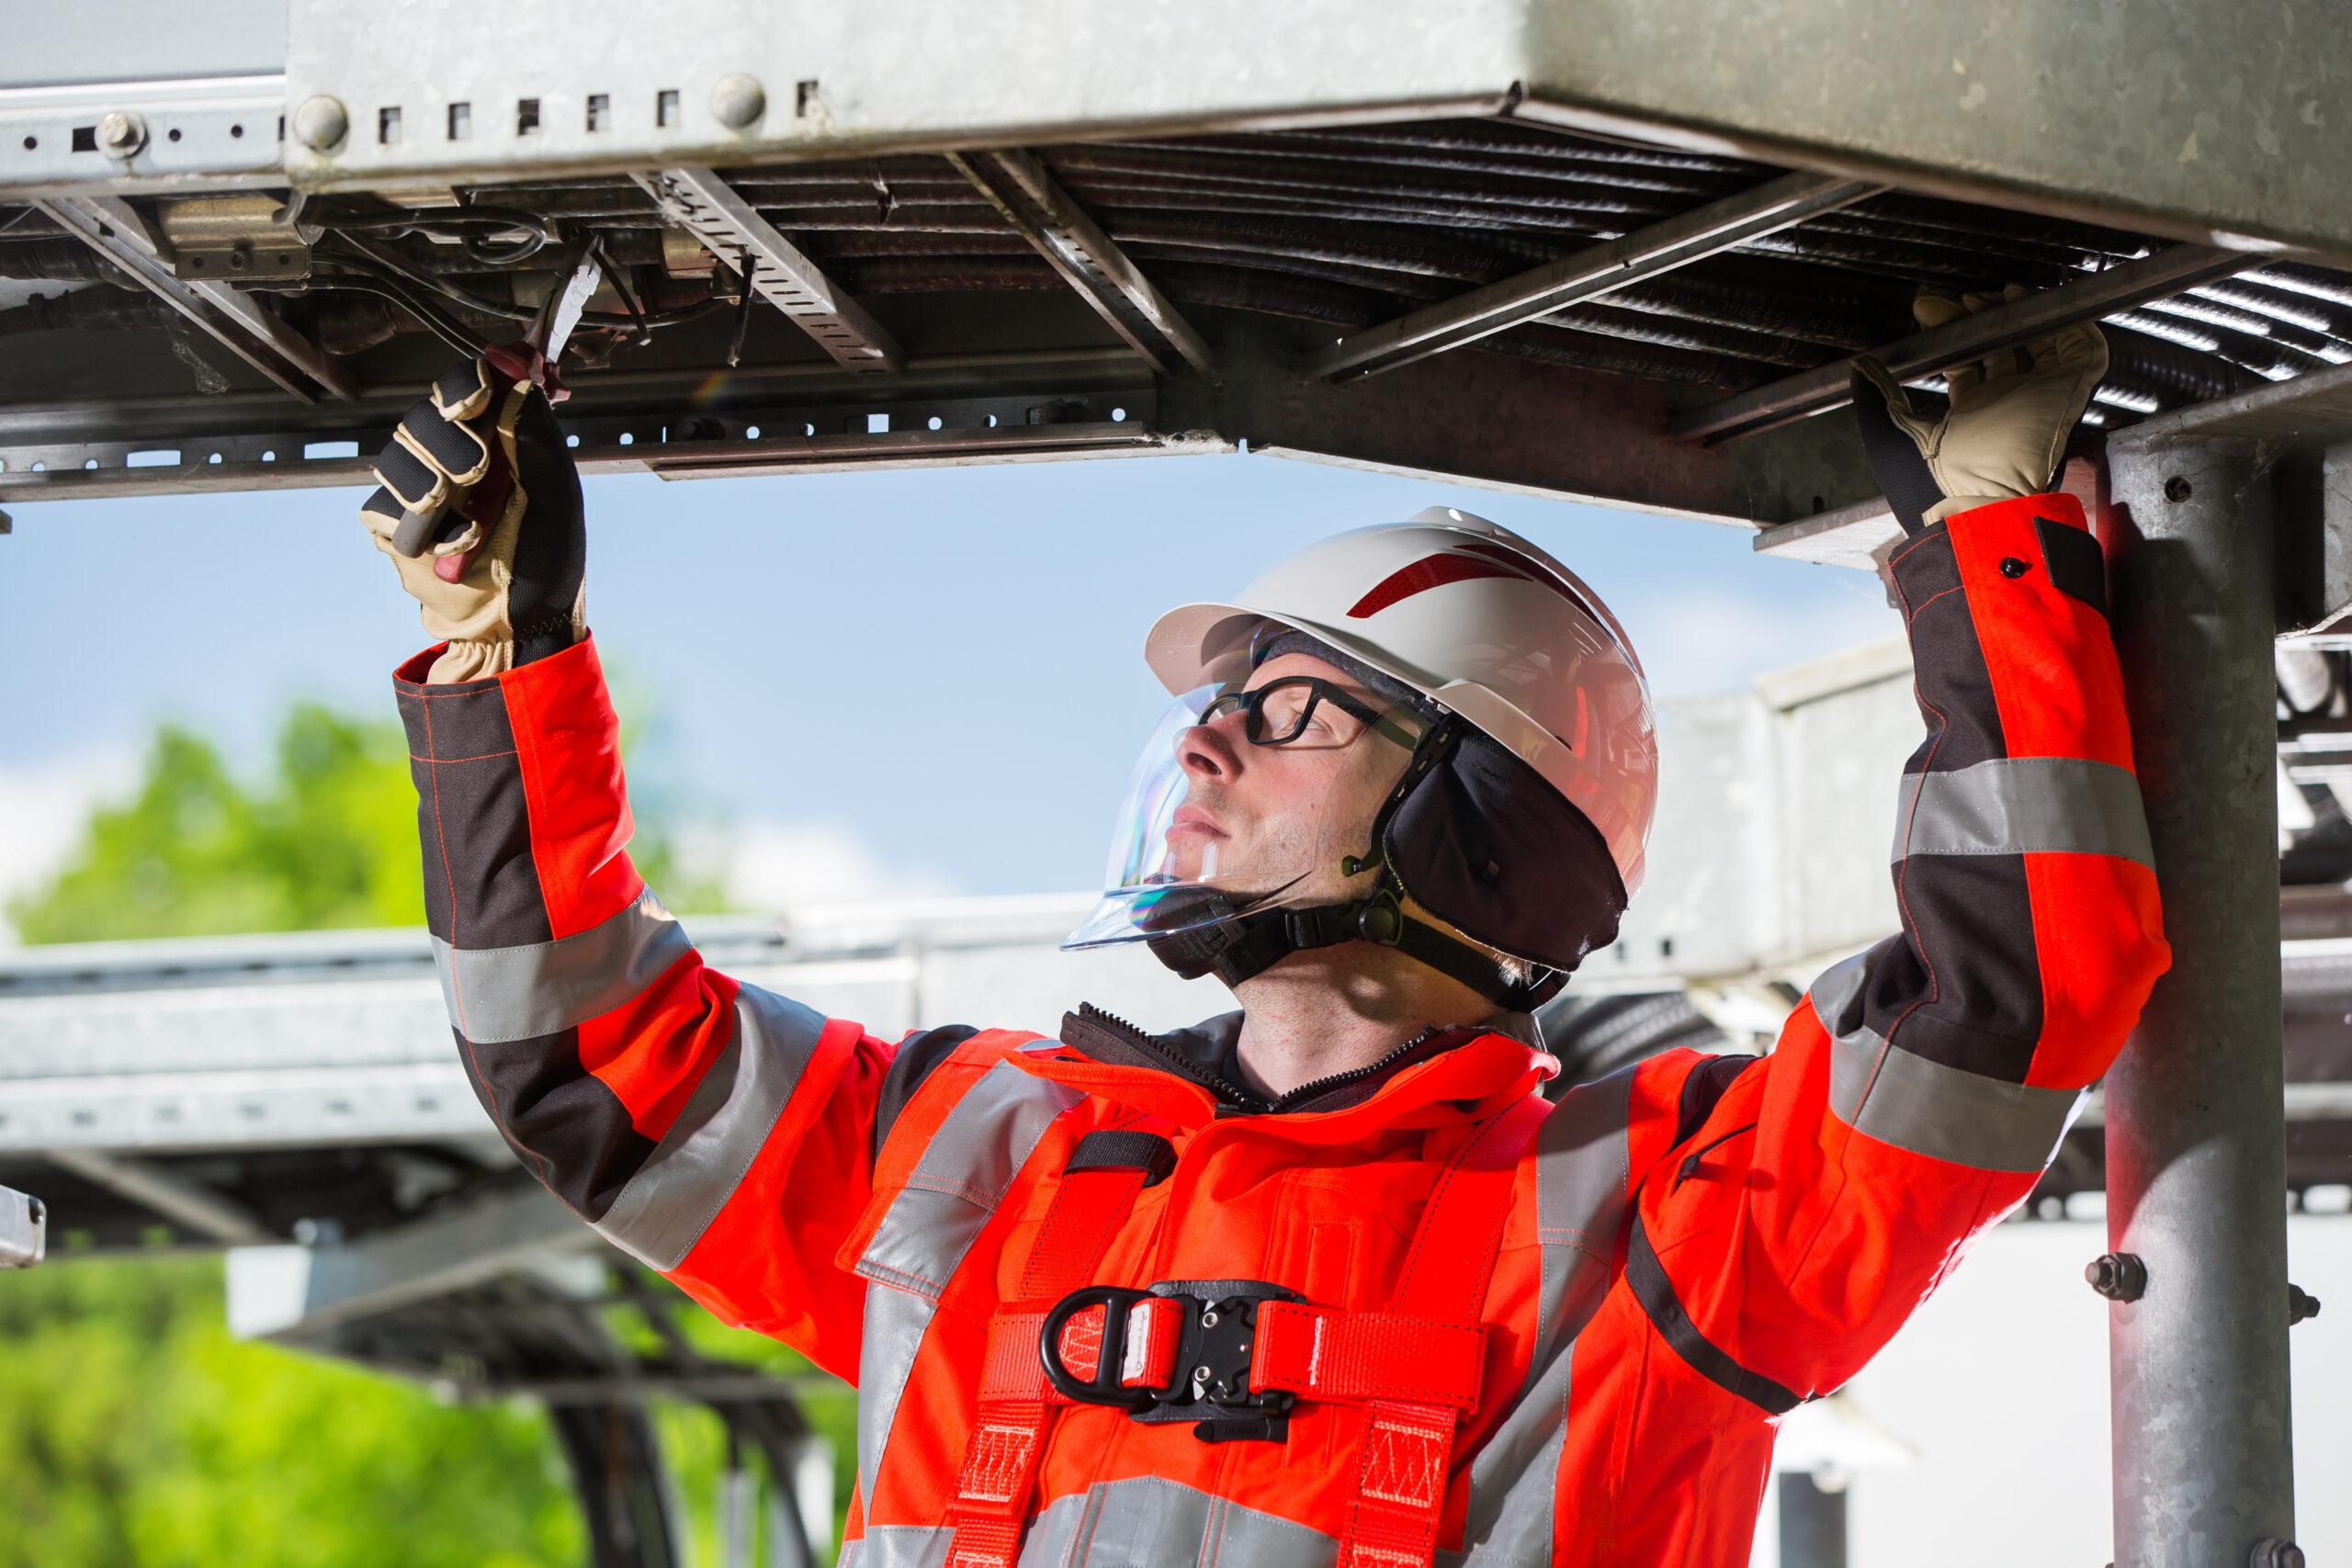 V-Gard 950 Industriële veiligheidshelm met geïntegreerd gelaatsscherm